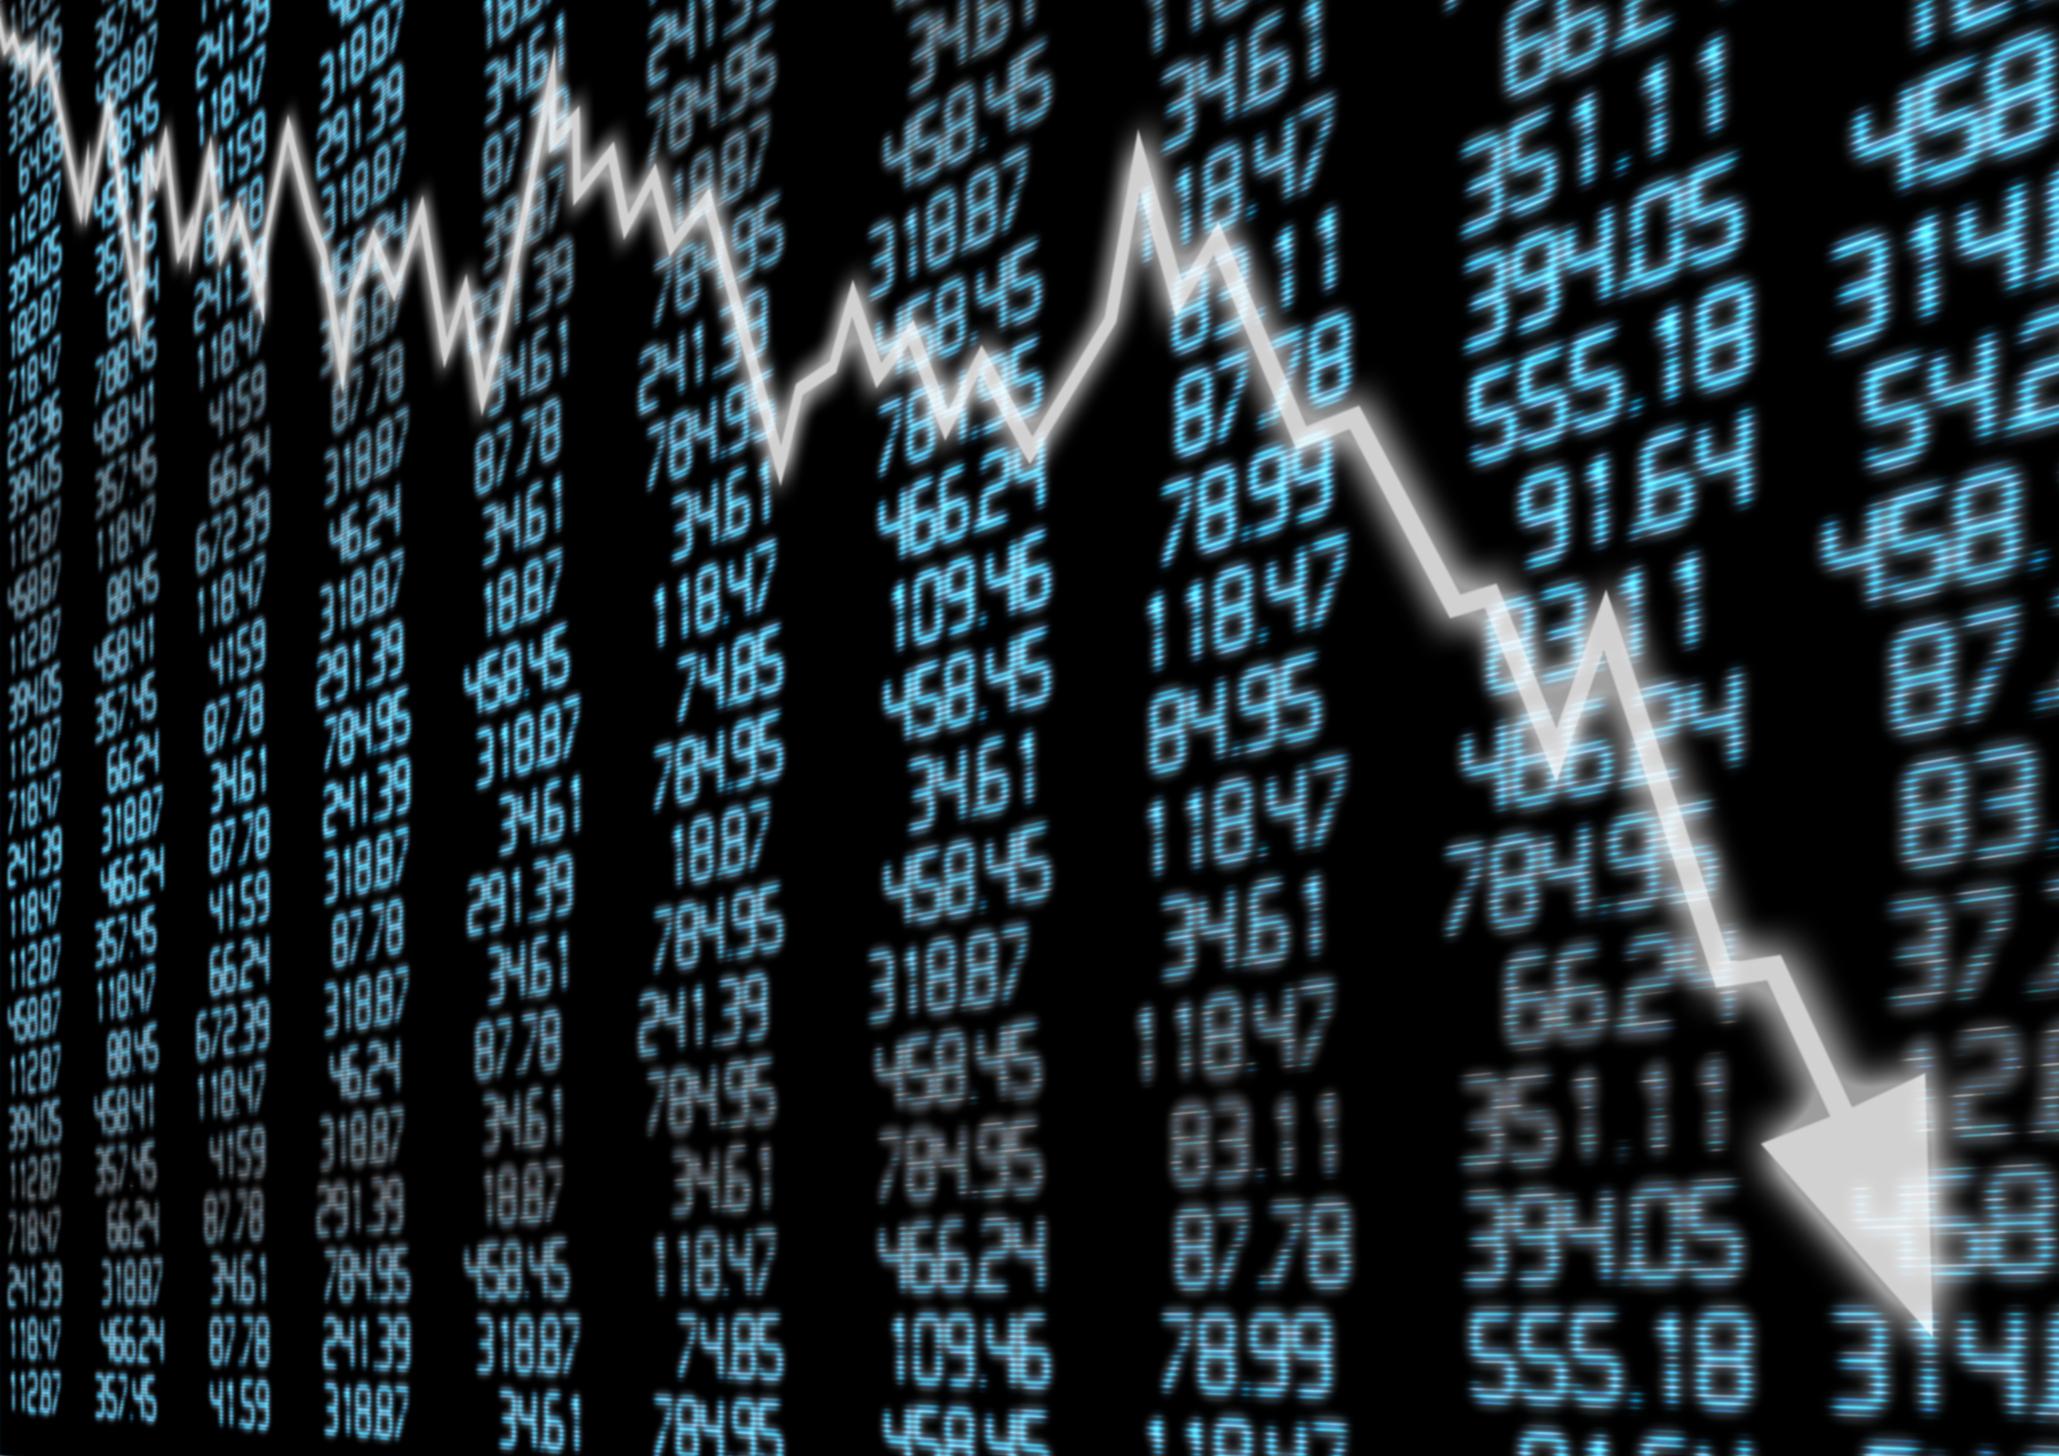 Digital screen showing a falling stock chart